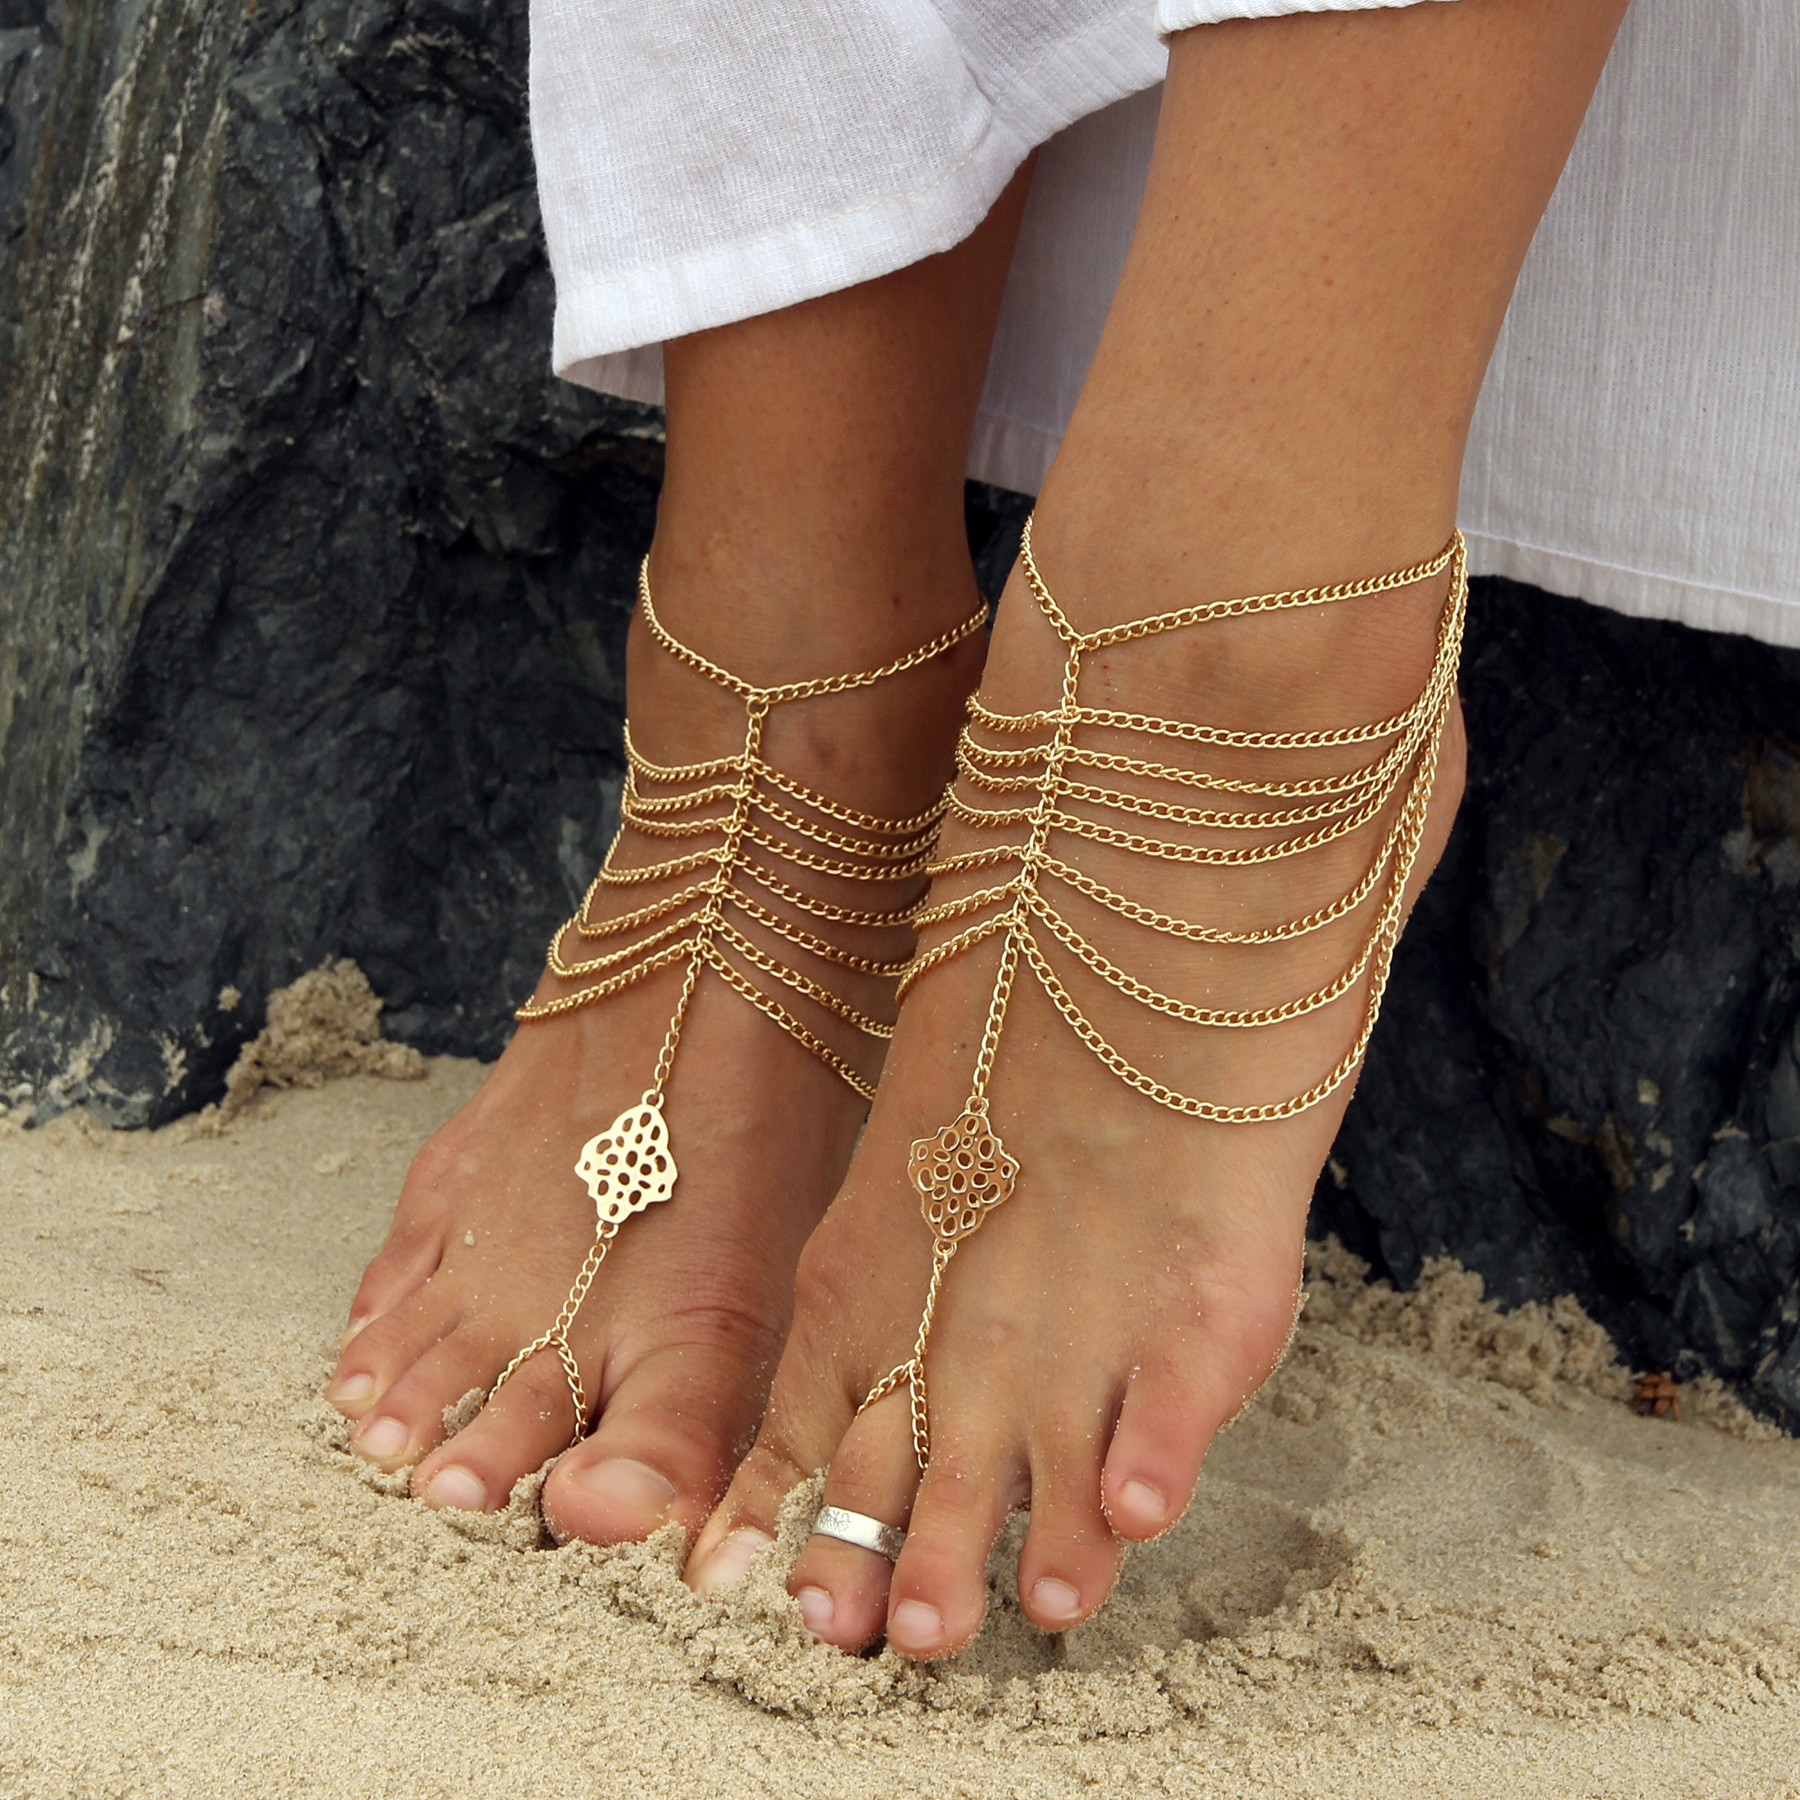 Фото ноги онлайн 2 фотография